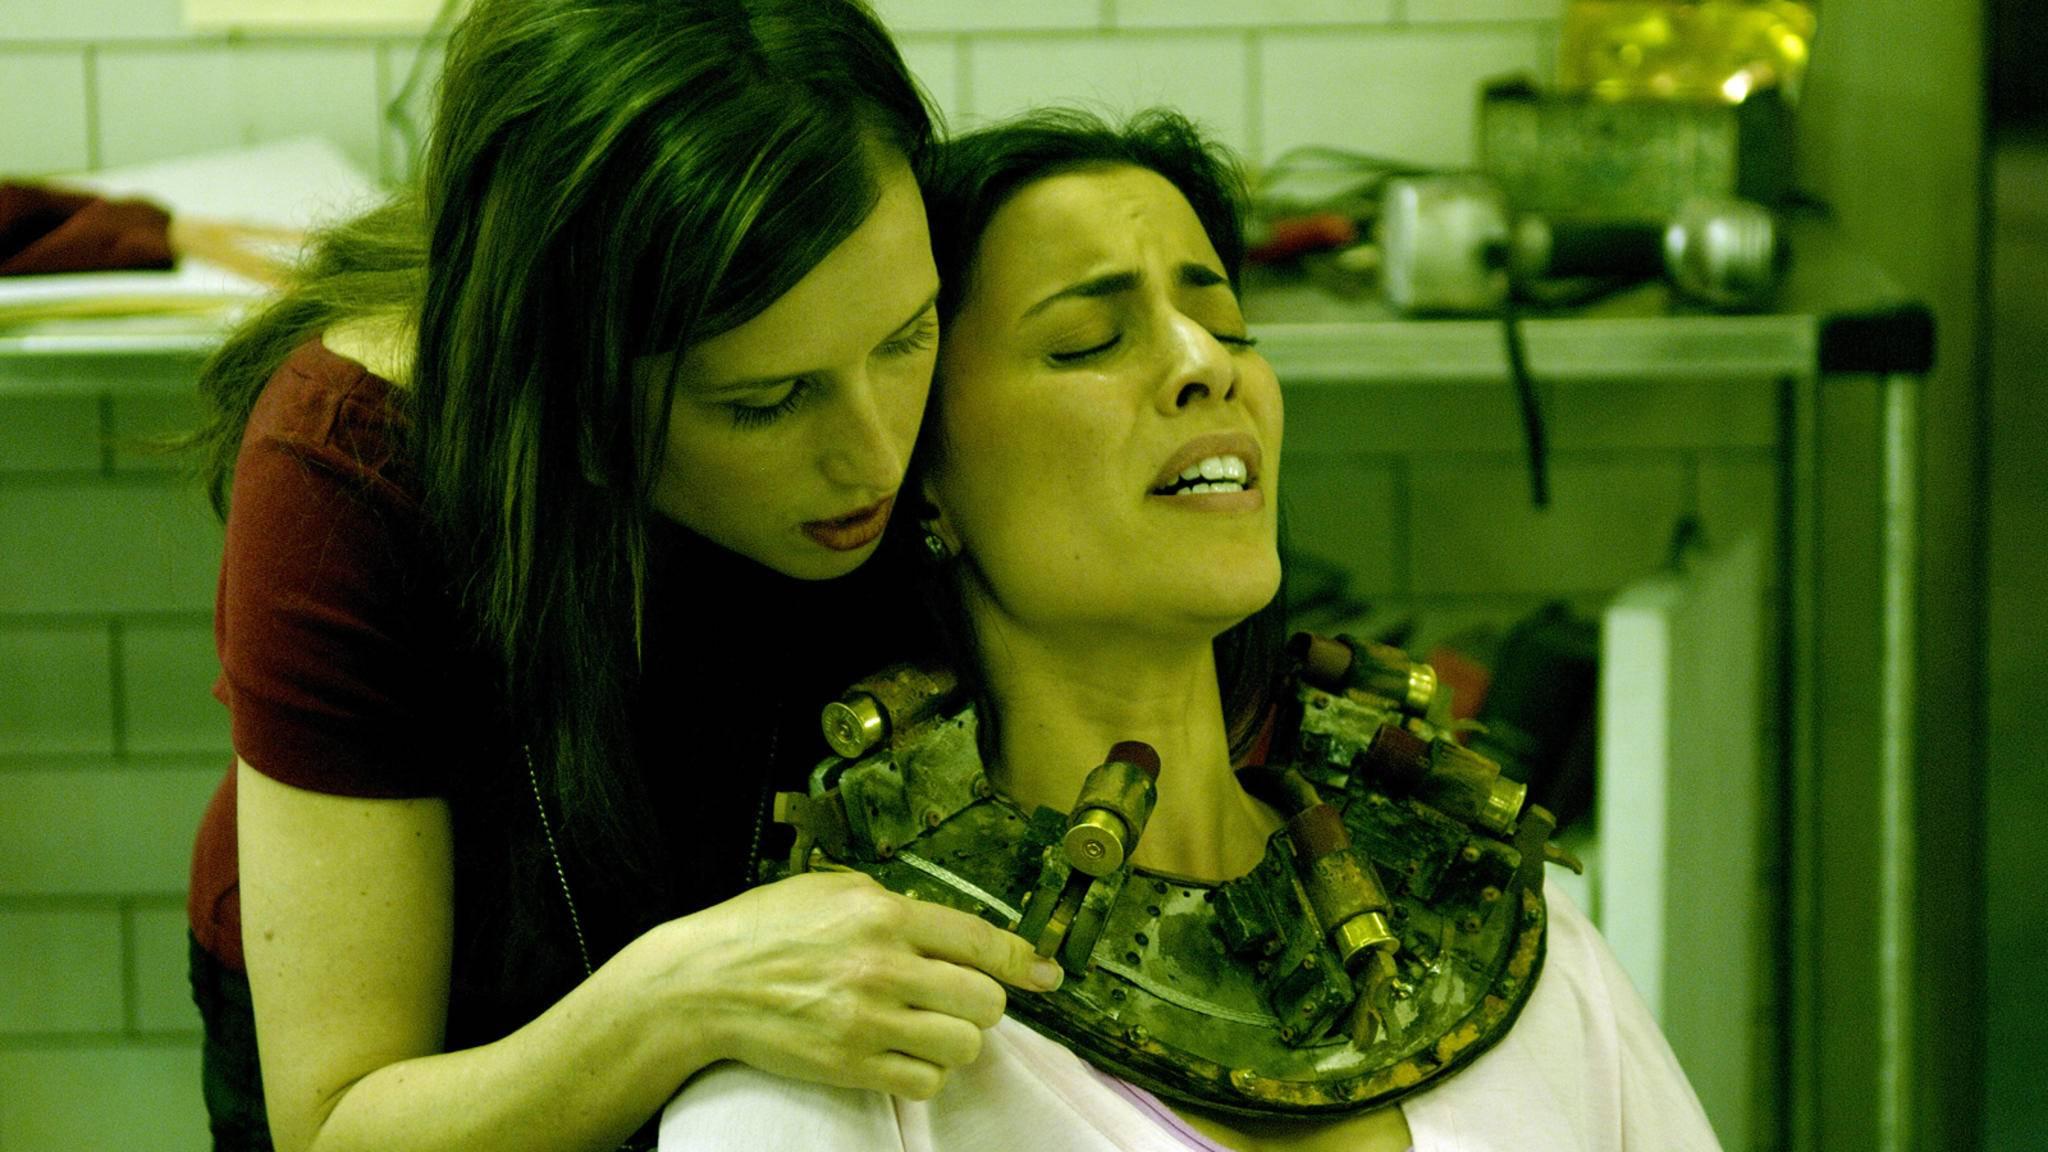 """Szenen wie diese sorgten dafür, dass """"Saw 3"""" massenhaft die Zuschauer wegliefen."""